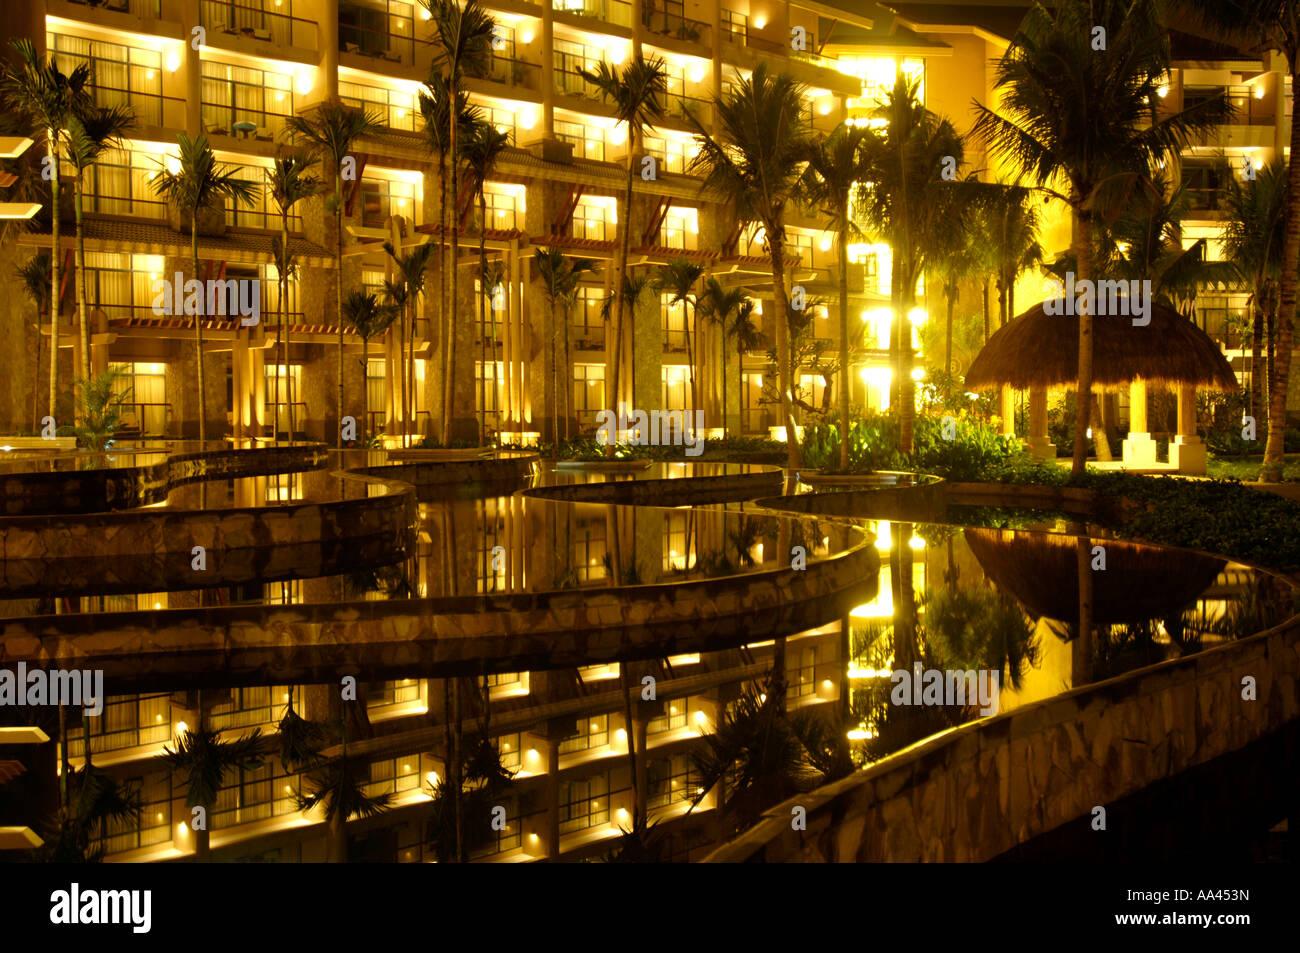 The Hilton Sanya Resort and Spa, Hainan, China. March 2006 - Stock Image